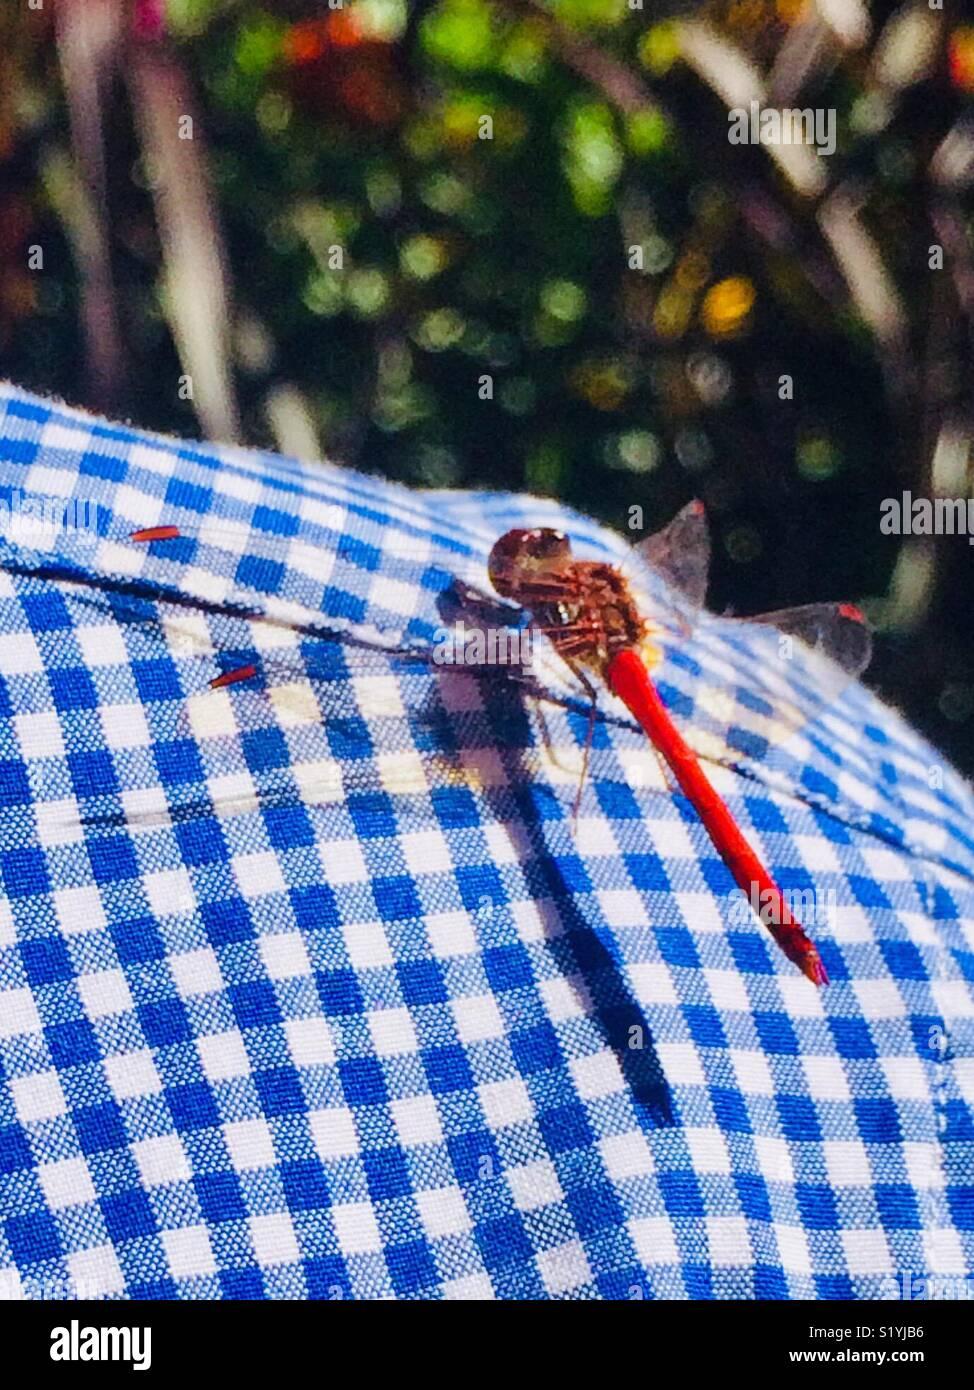 Toccare una libellula Immagini Stock